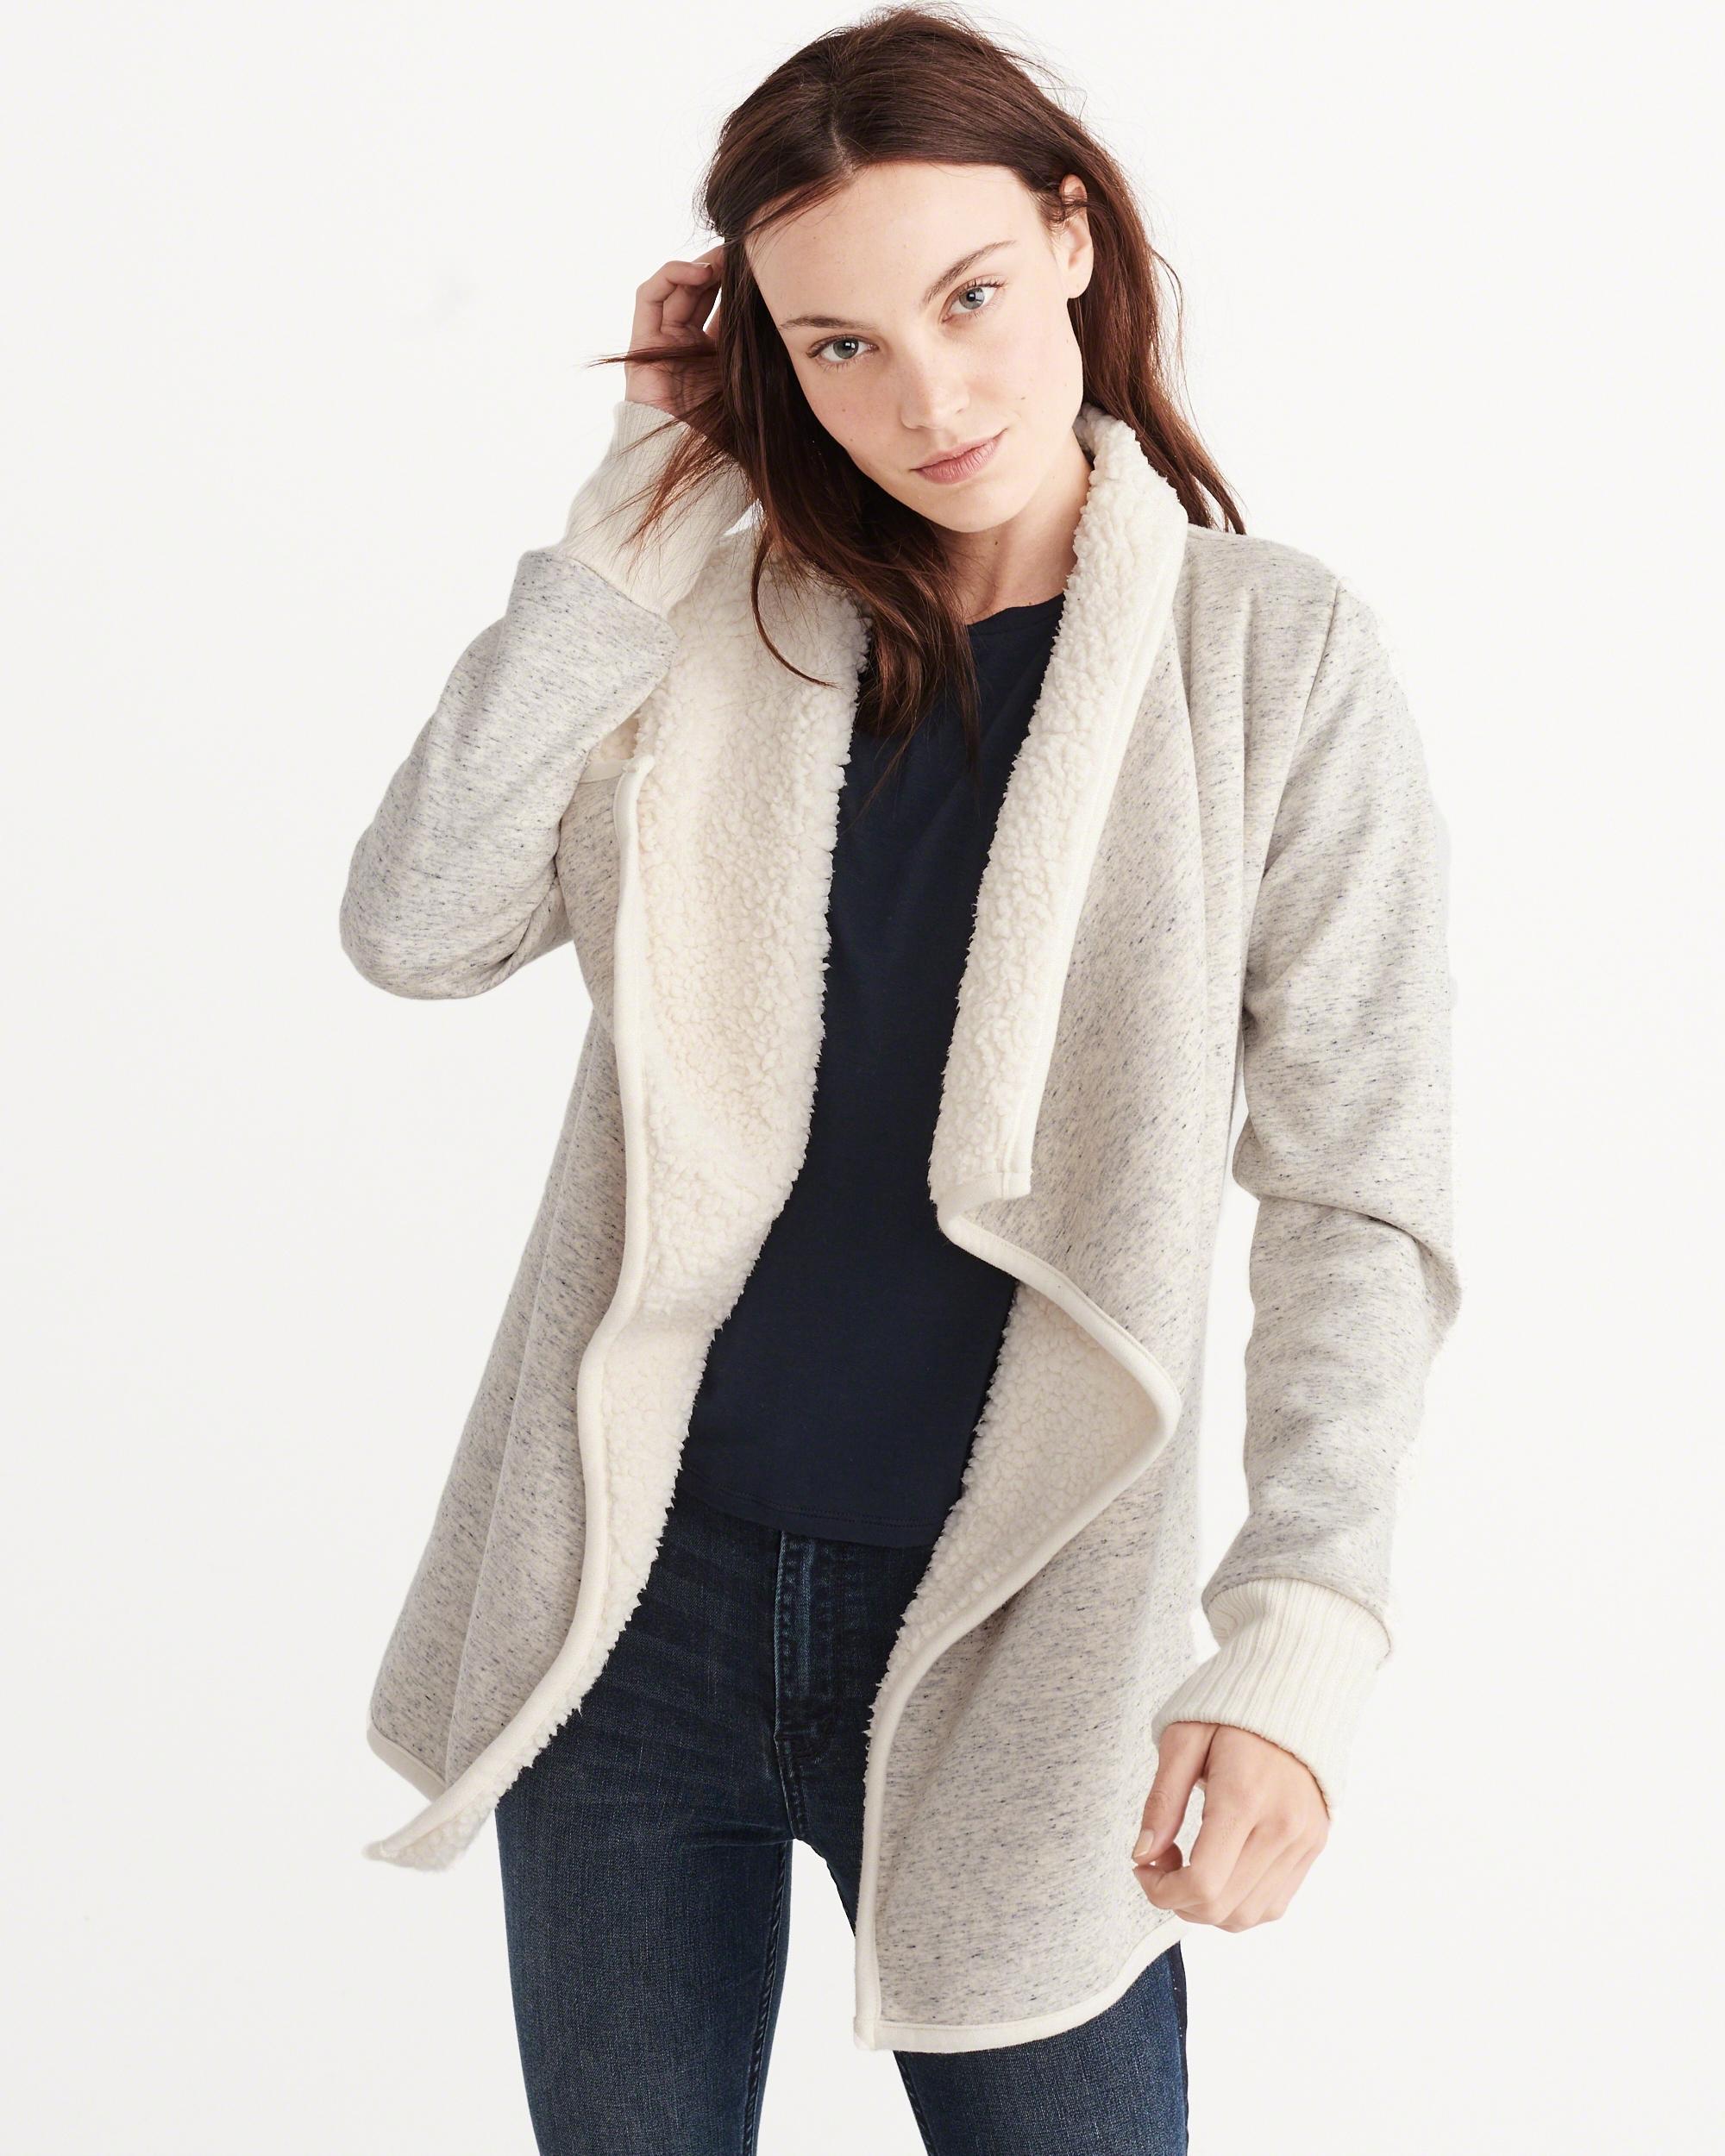 Abercrombie & Fitch Sherpa Fleece Jacket In Gray